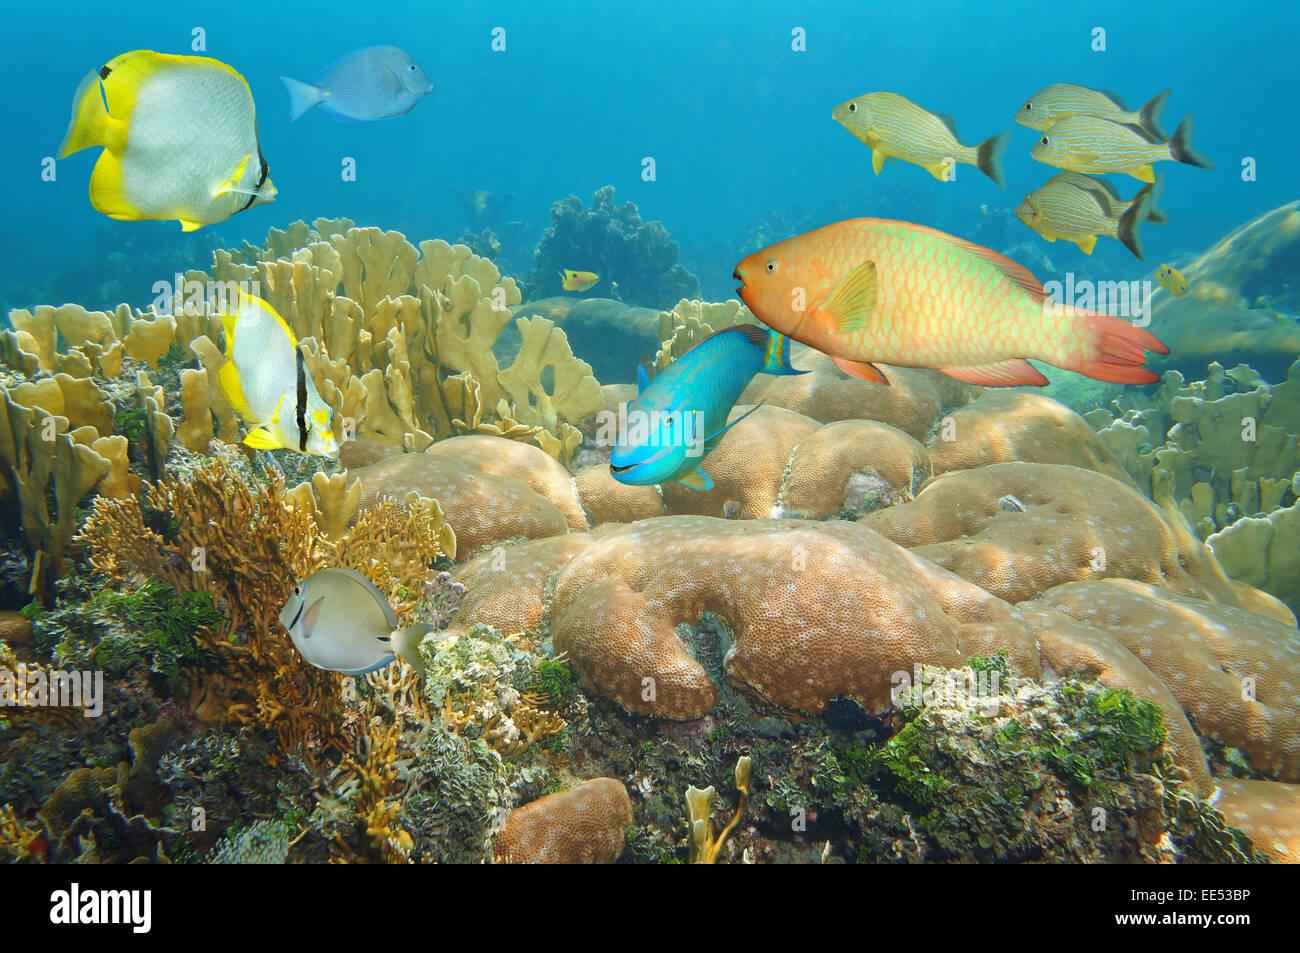 Korallenriff mit bunten Fischen unter dem Meer, Caribbean Stockbild